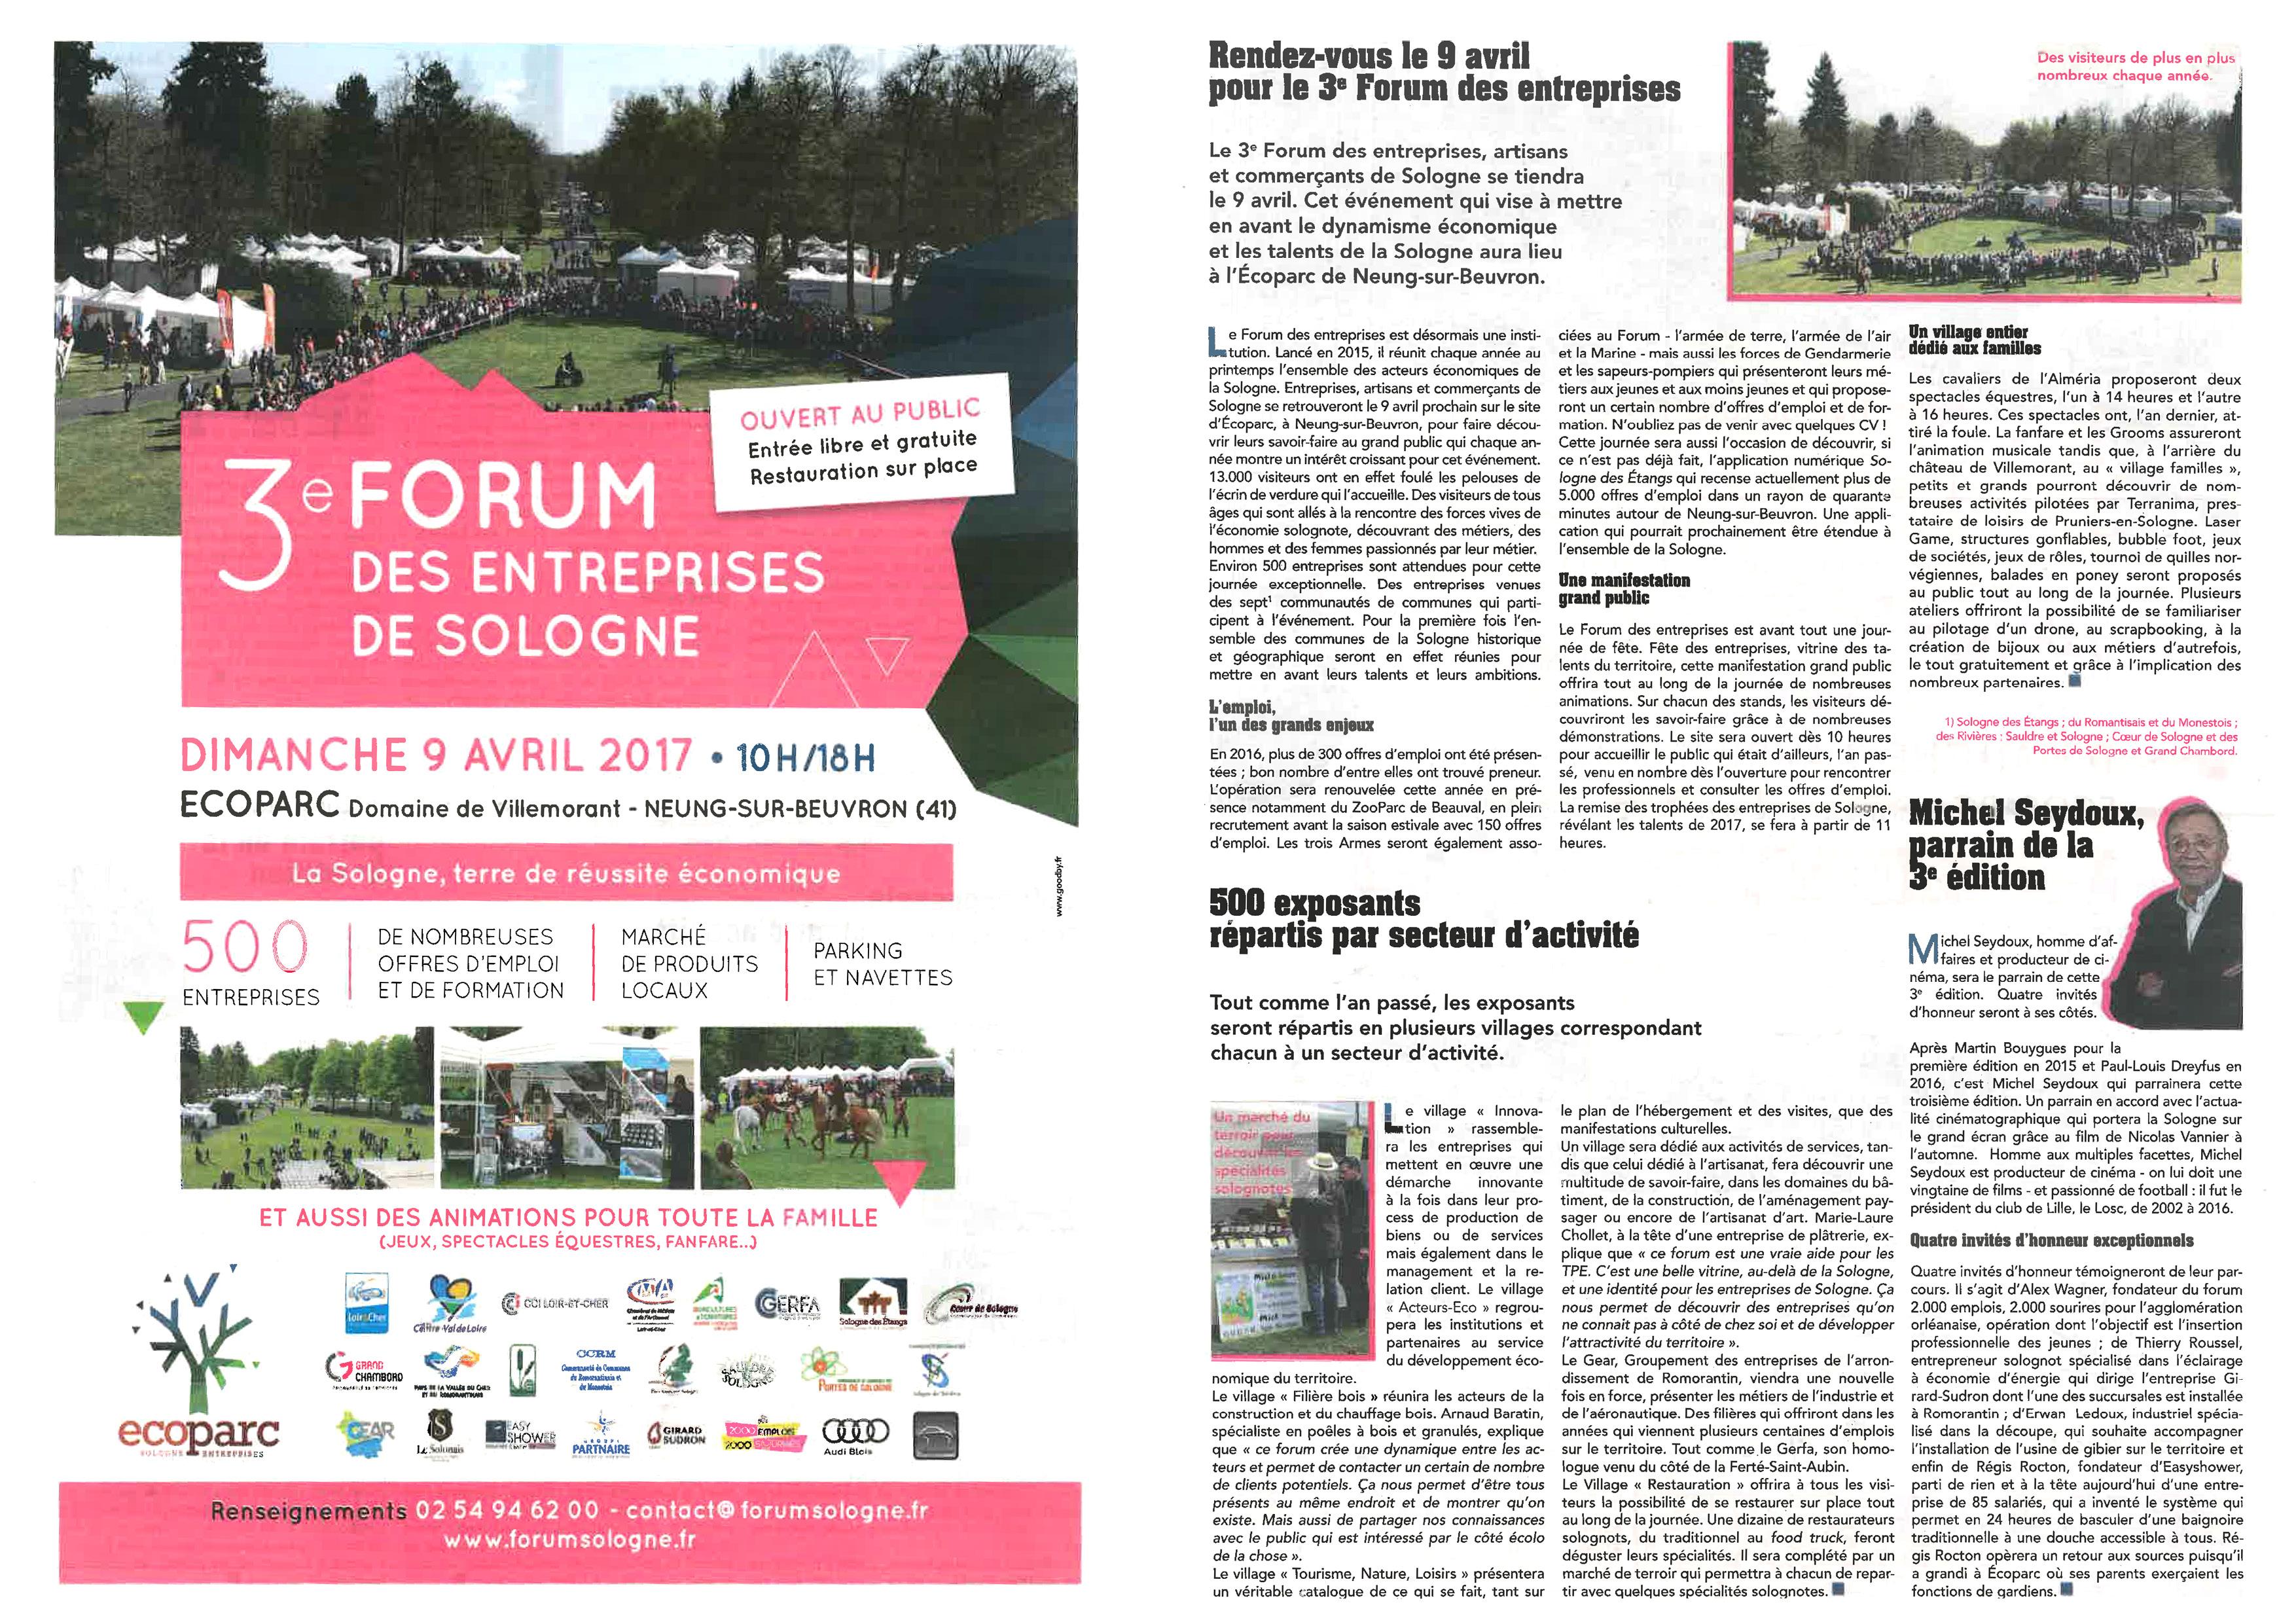 3ème forum des entreprises de Sologne